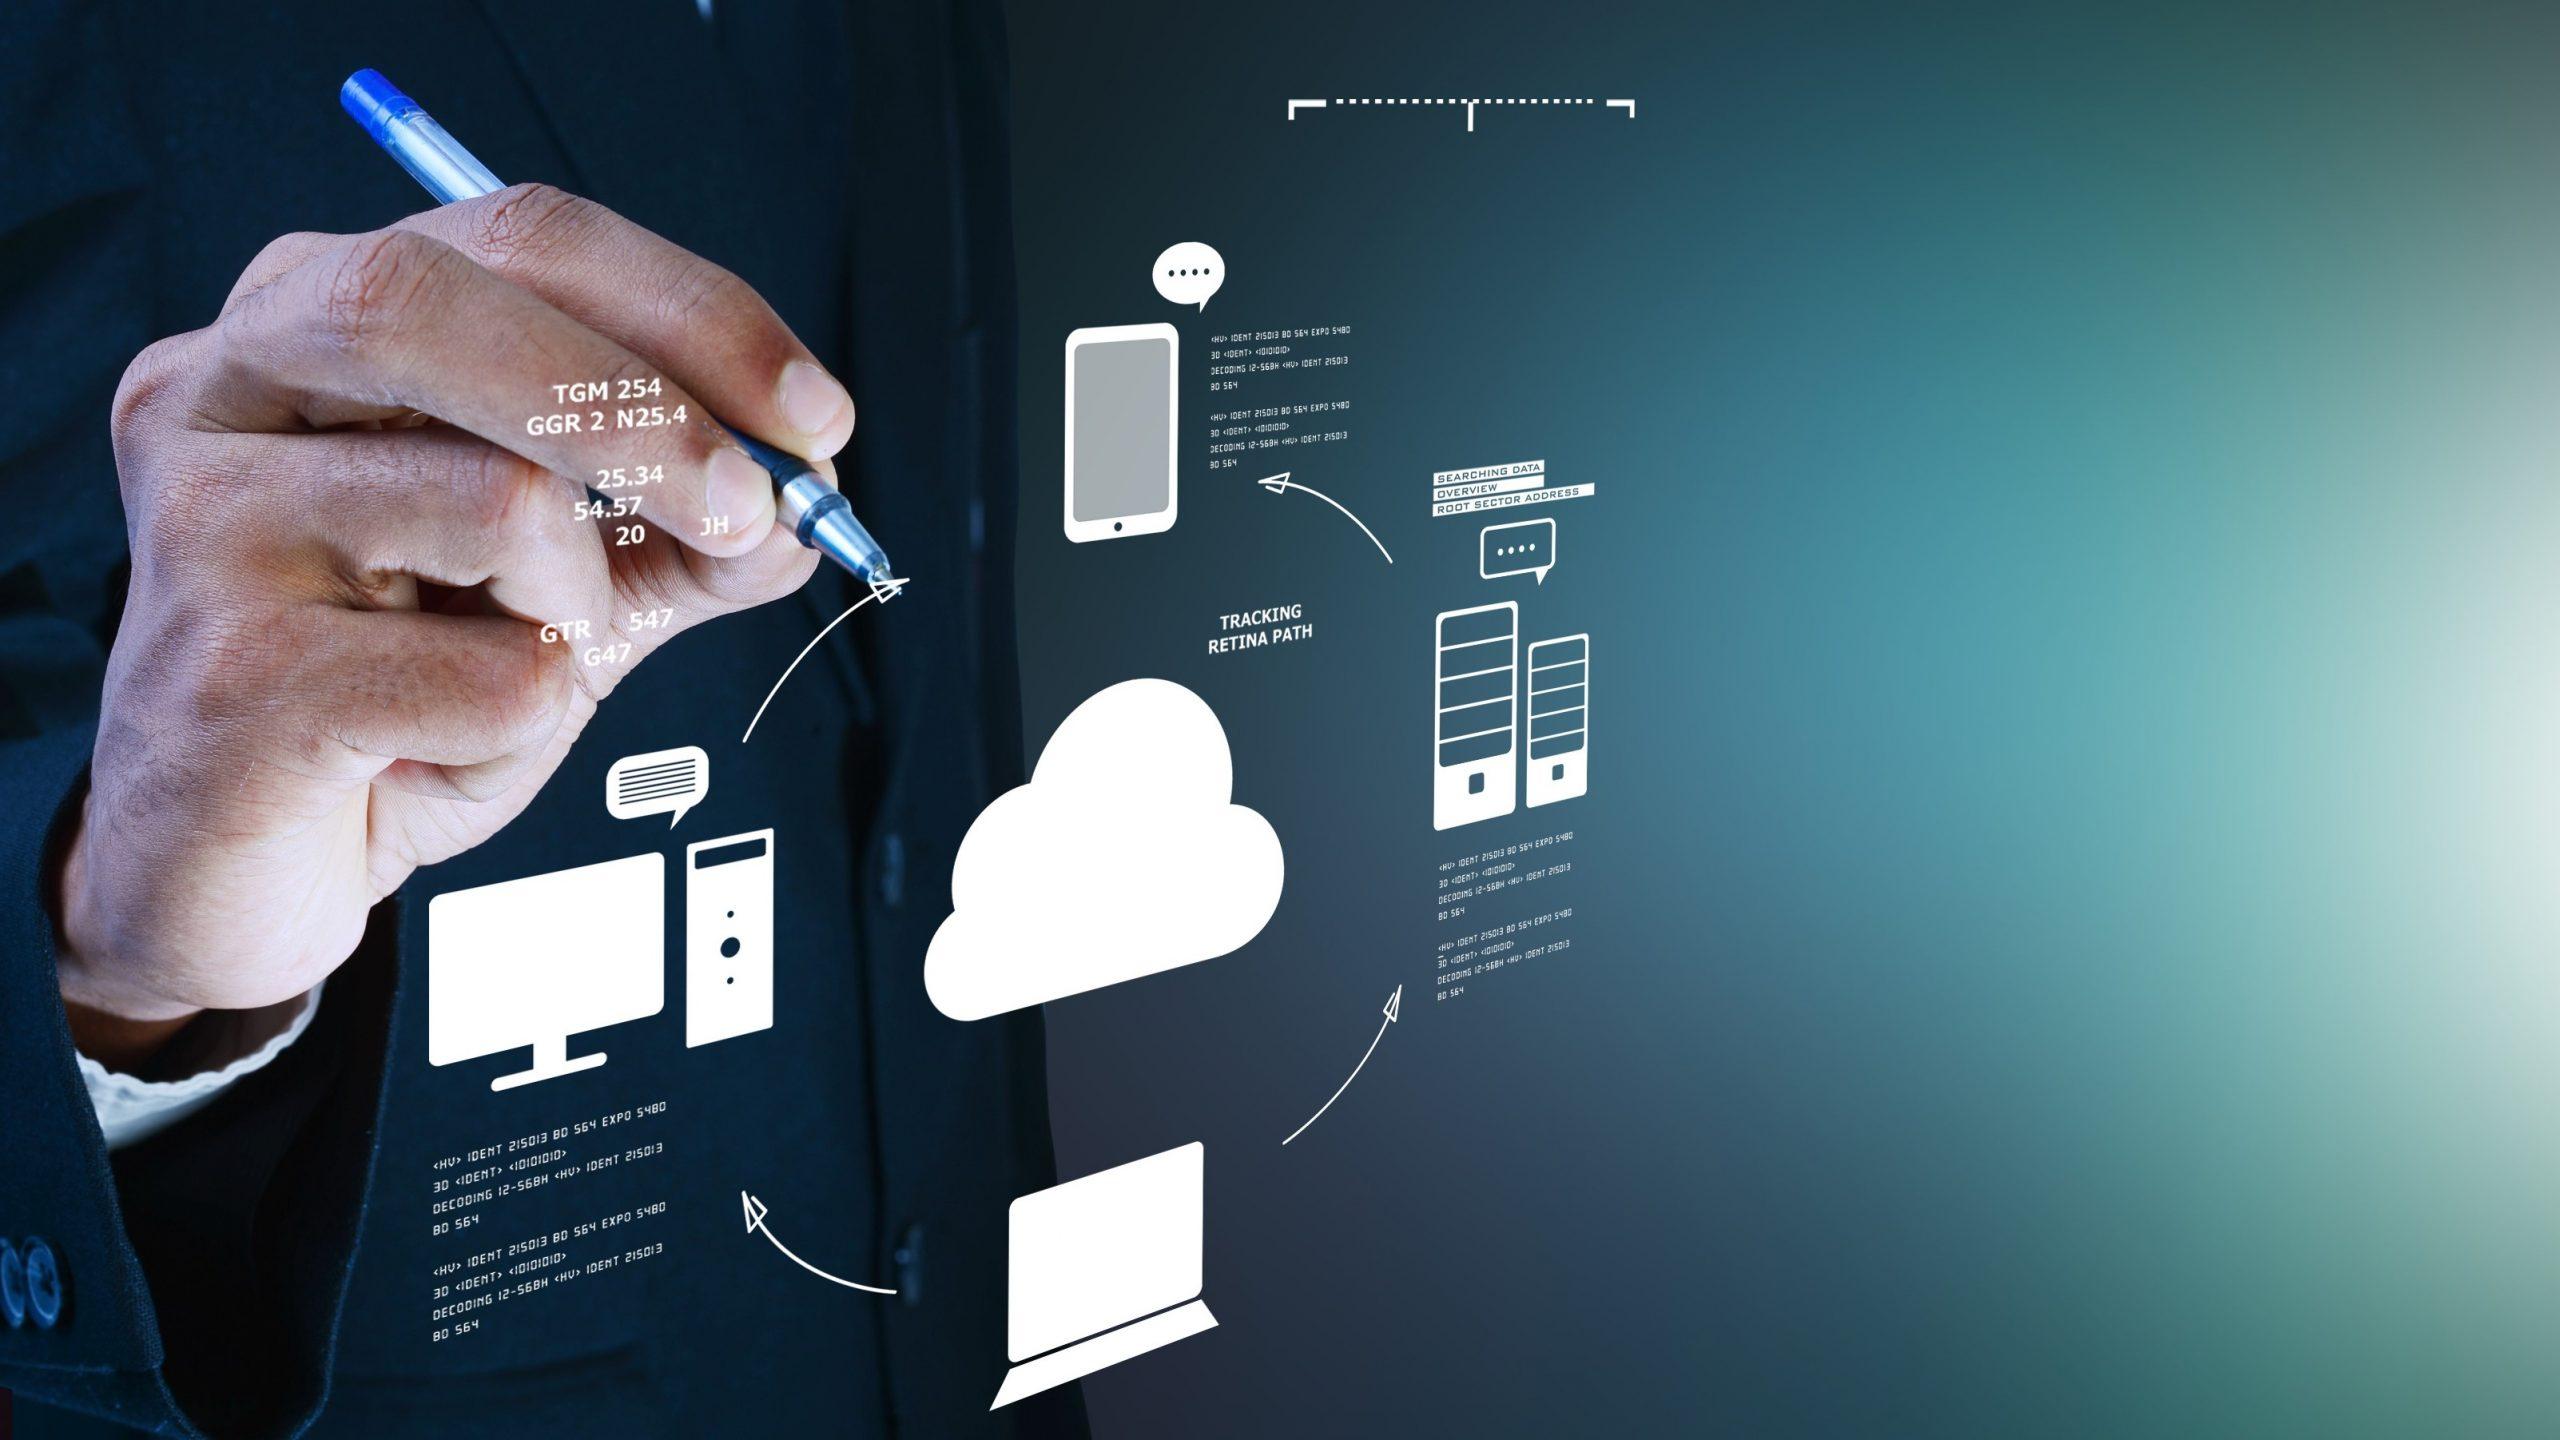 Việc kết xuất dữ liệu vào ERP cần được xem xét và làm việc với nhà cung cấp trước khi dự án được bắt đầu triển khai.